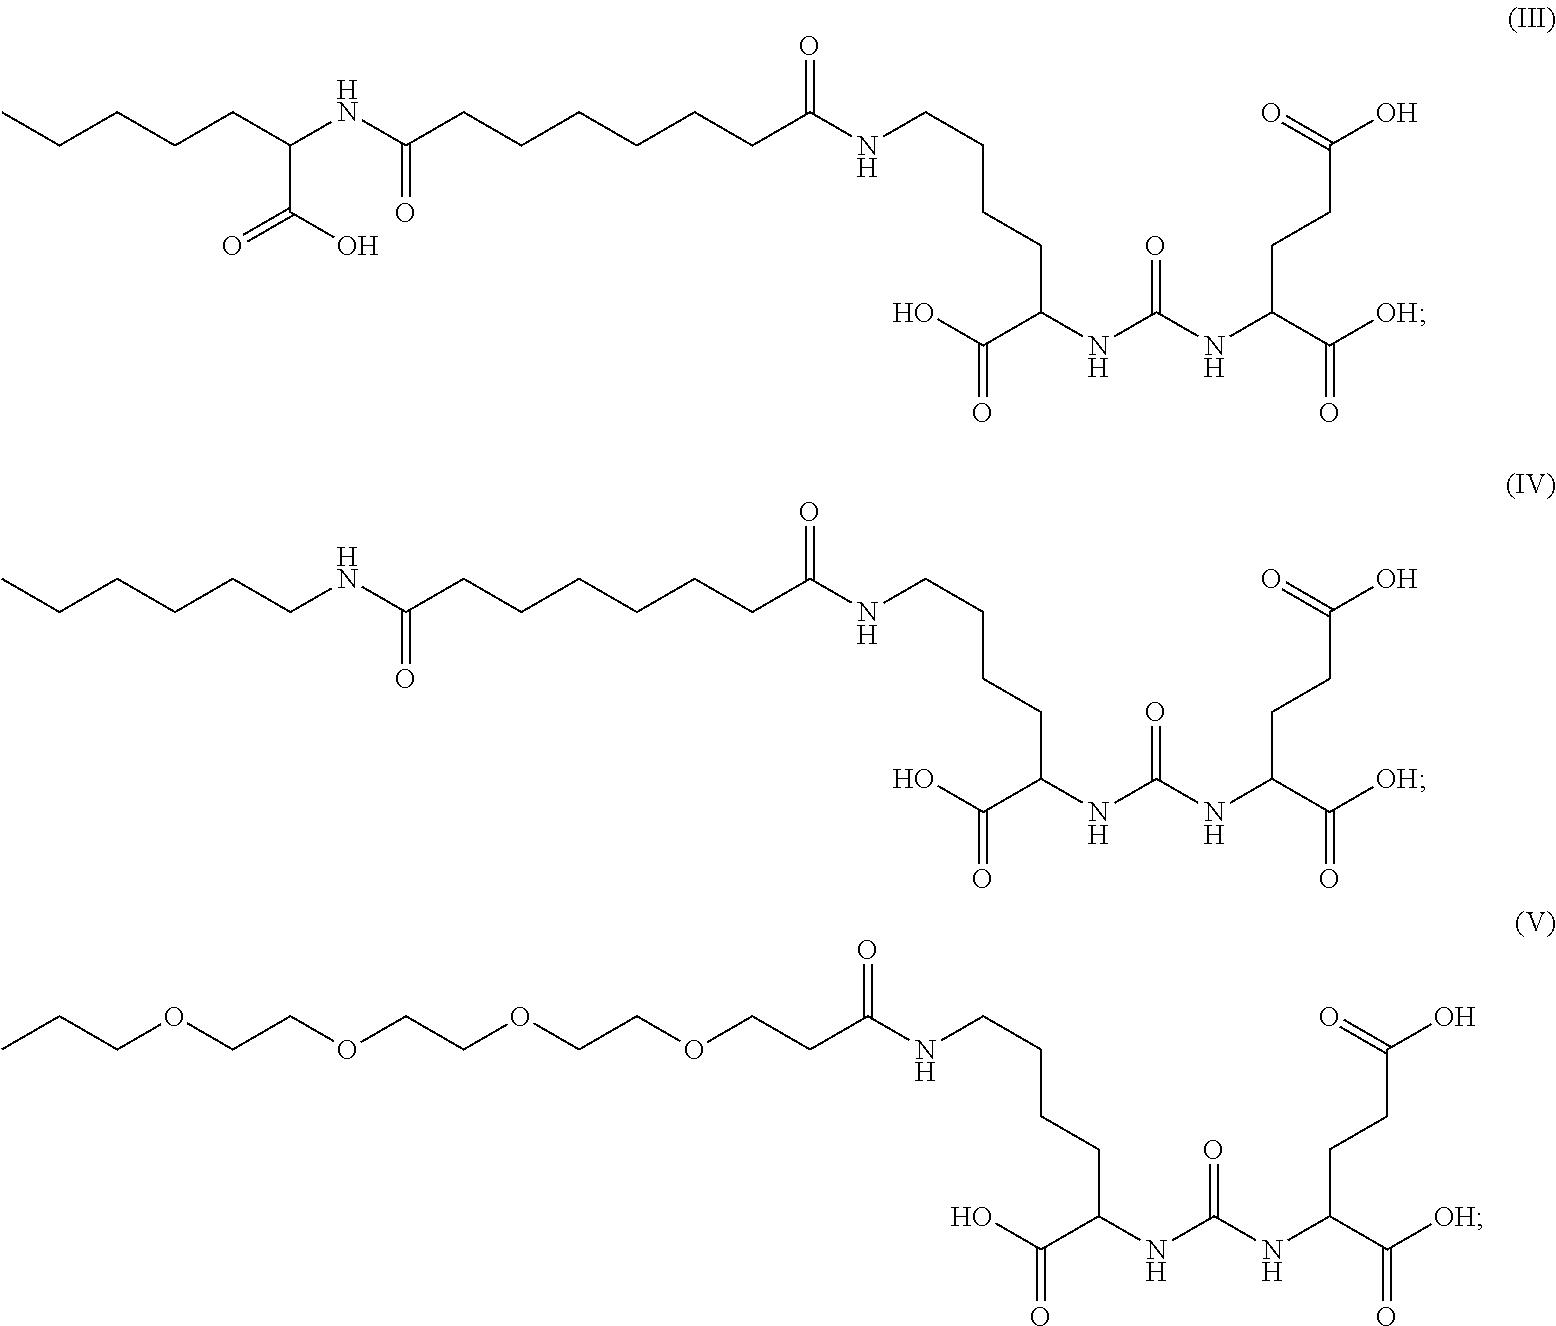 Figure US09884132-20180206-C00004